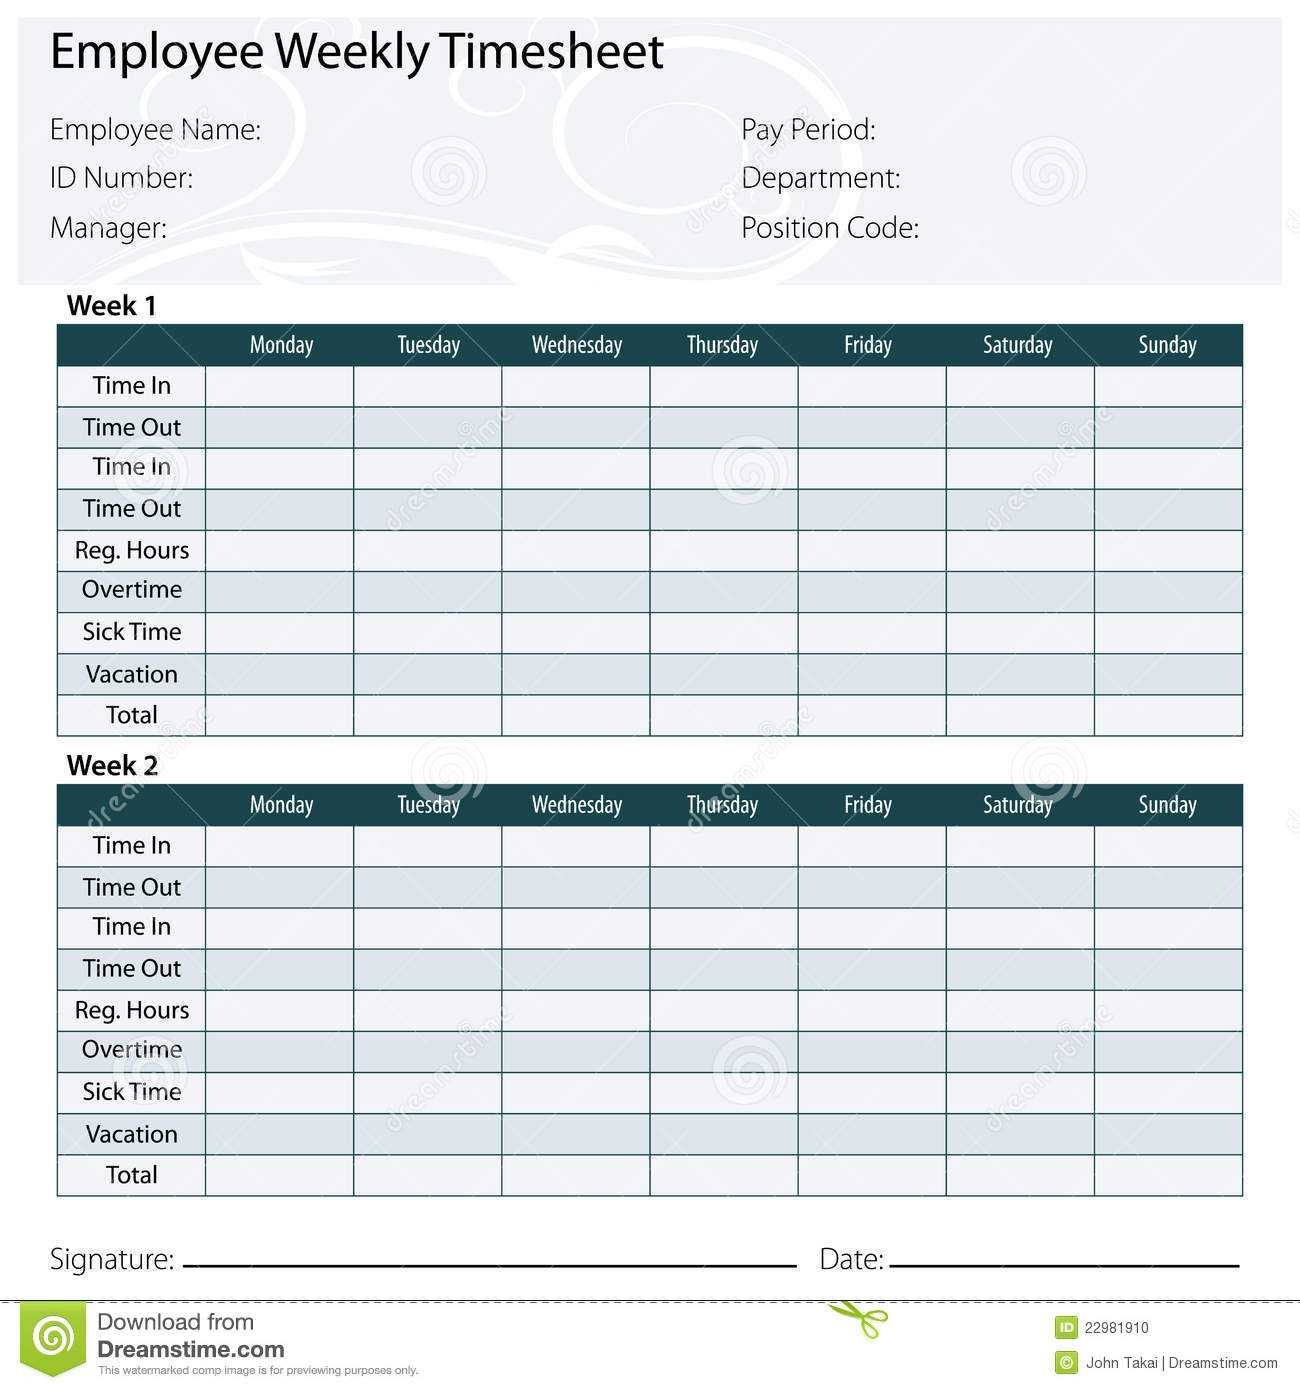 Employee Timesheet Spreadsheet Spreadsheet Softwar